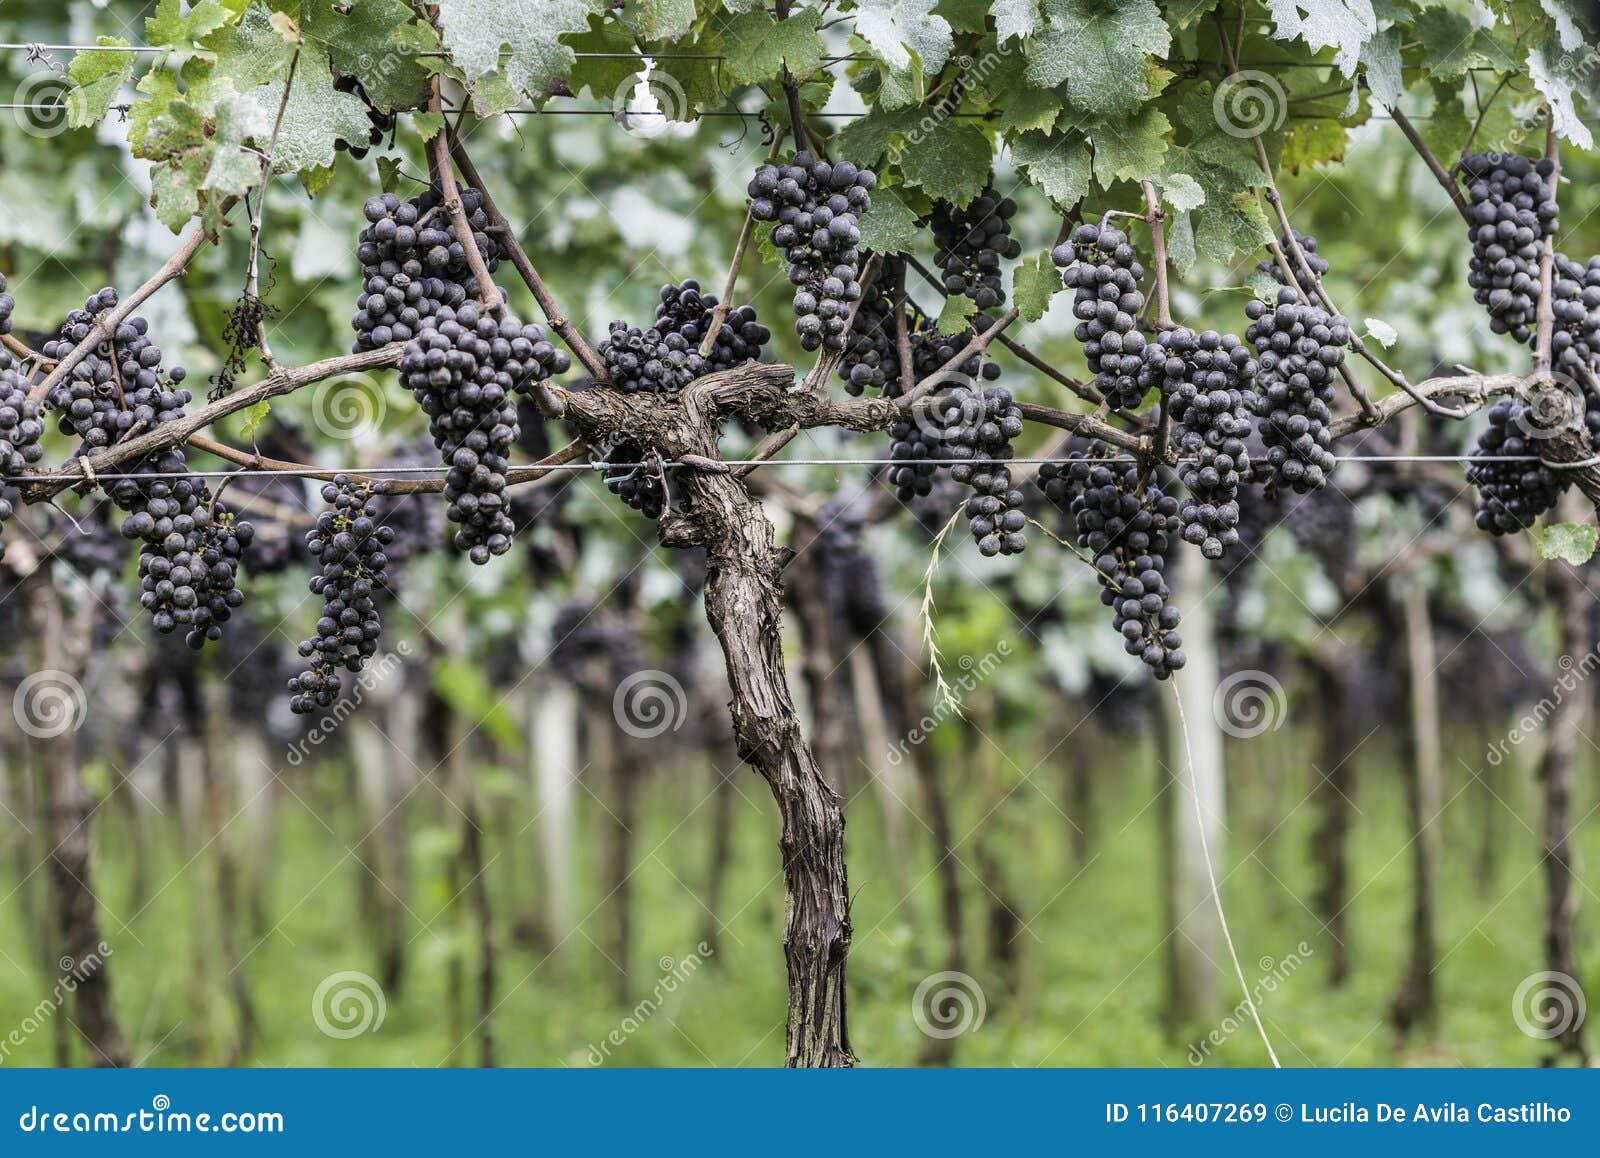 Druiven klaar om voor de volgende wijnproductie worden geoogst